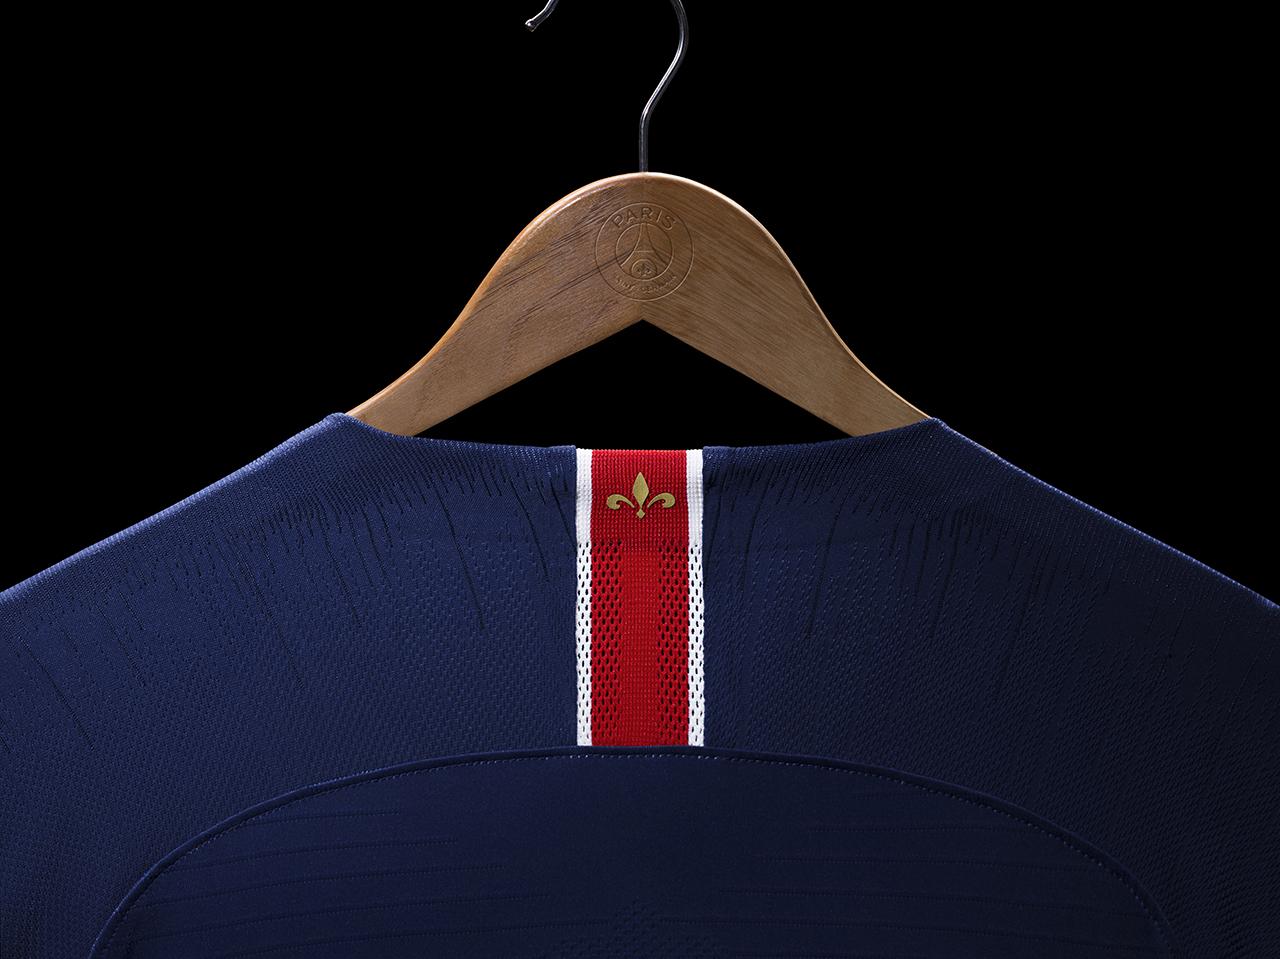 e051930278 Conselho aprova 3º uniforme azul do Santos fabricado pela Umbro ...